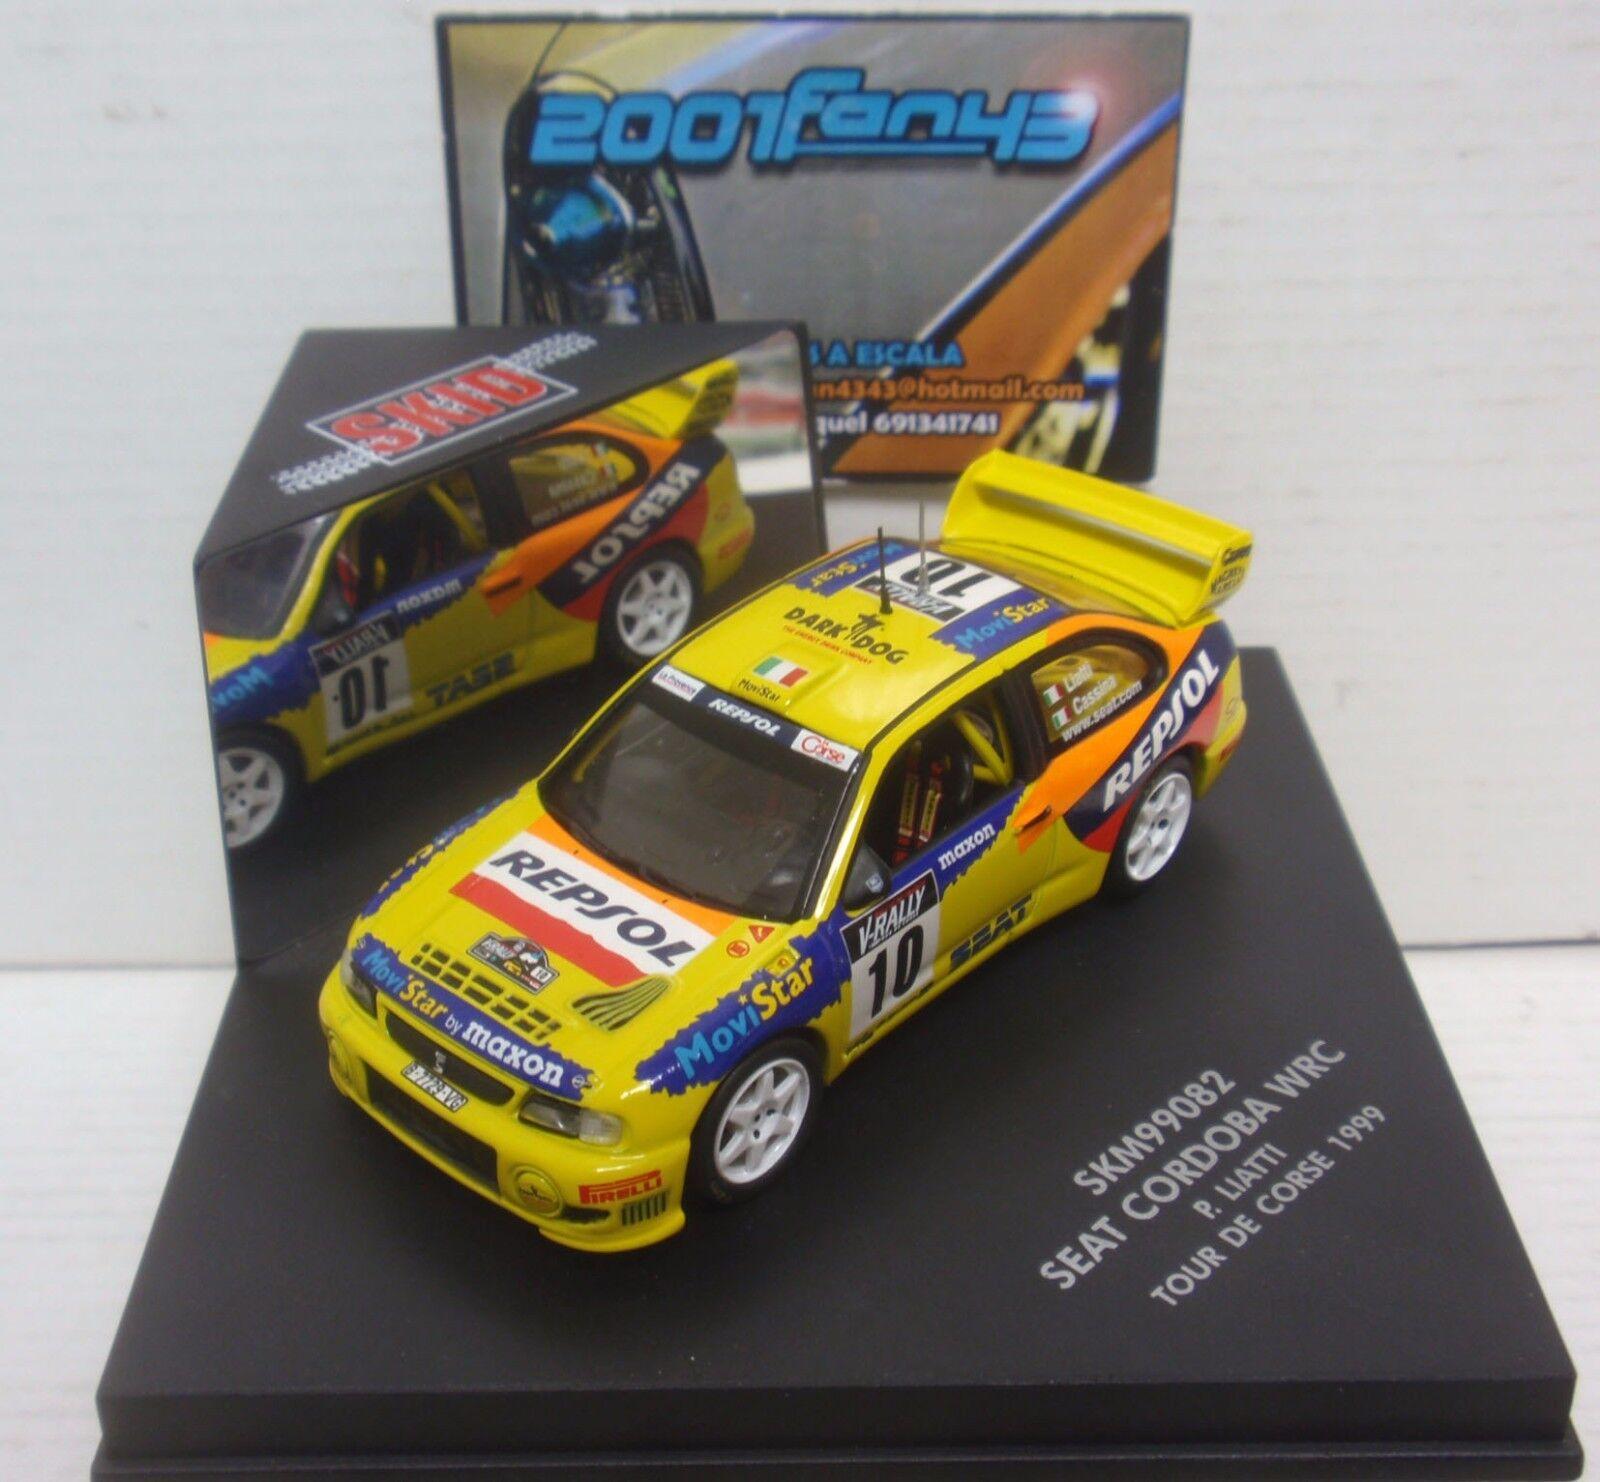 SEAT CORDOBA WRC  10 Liatti RALLY TOUR DE CORSE 1999 1 43 SKID